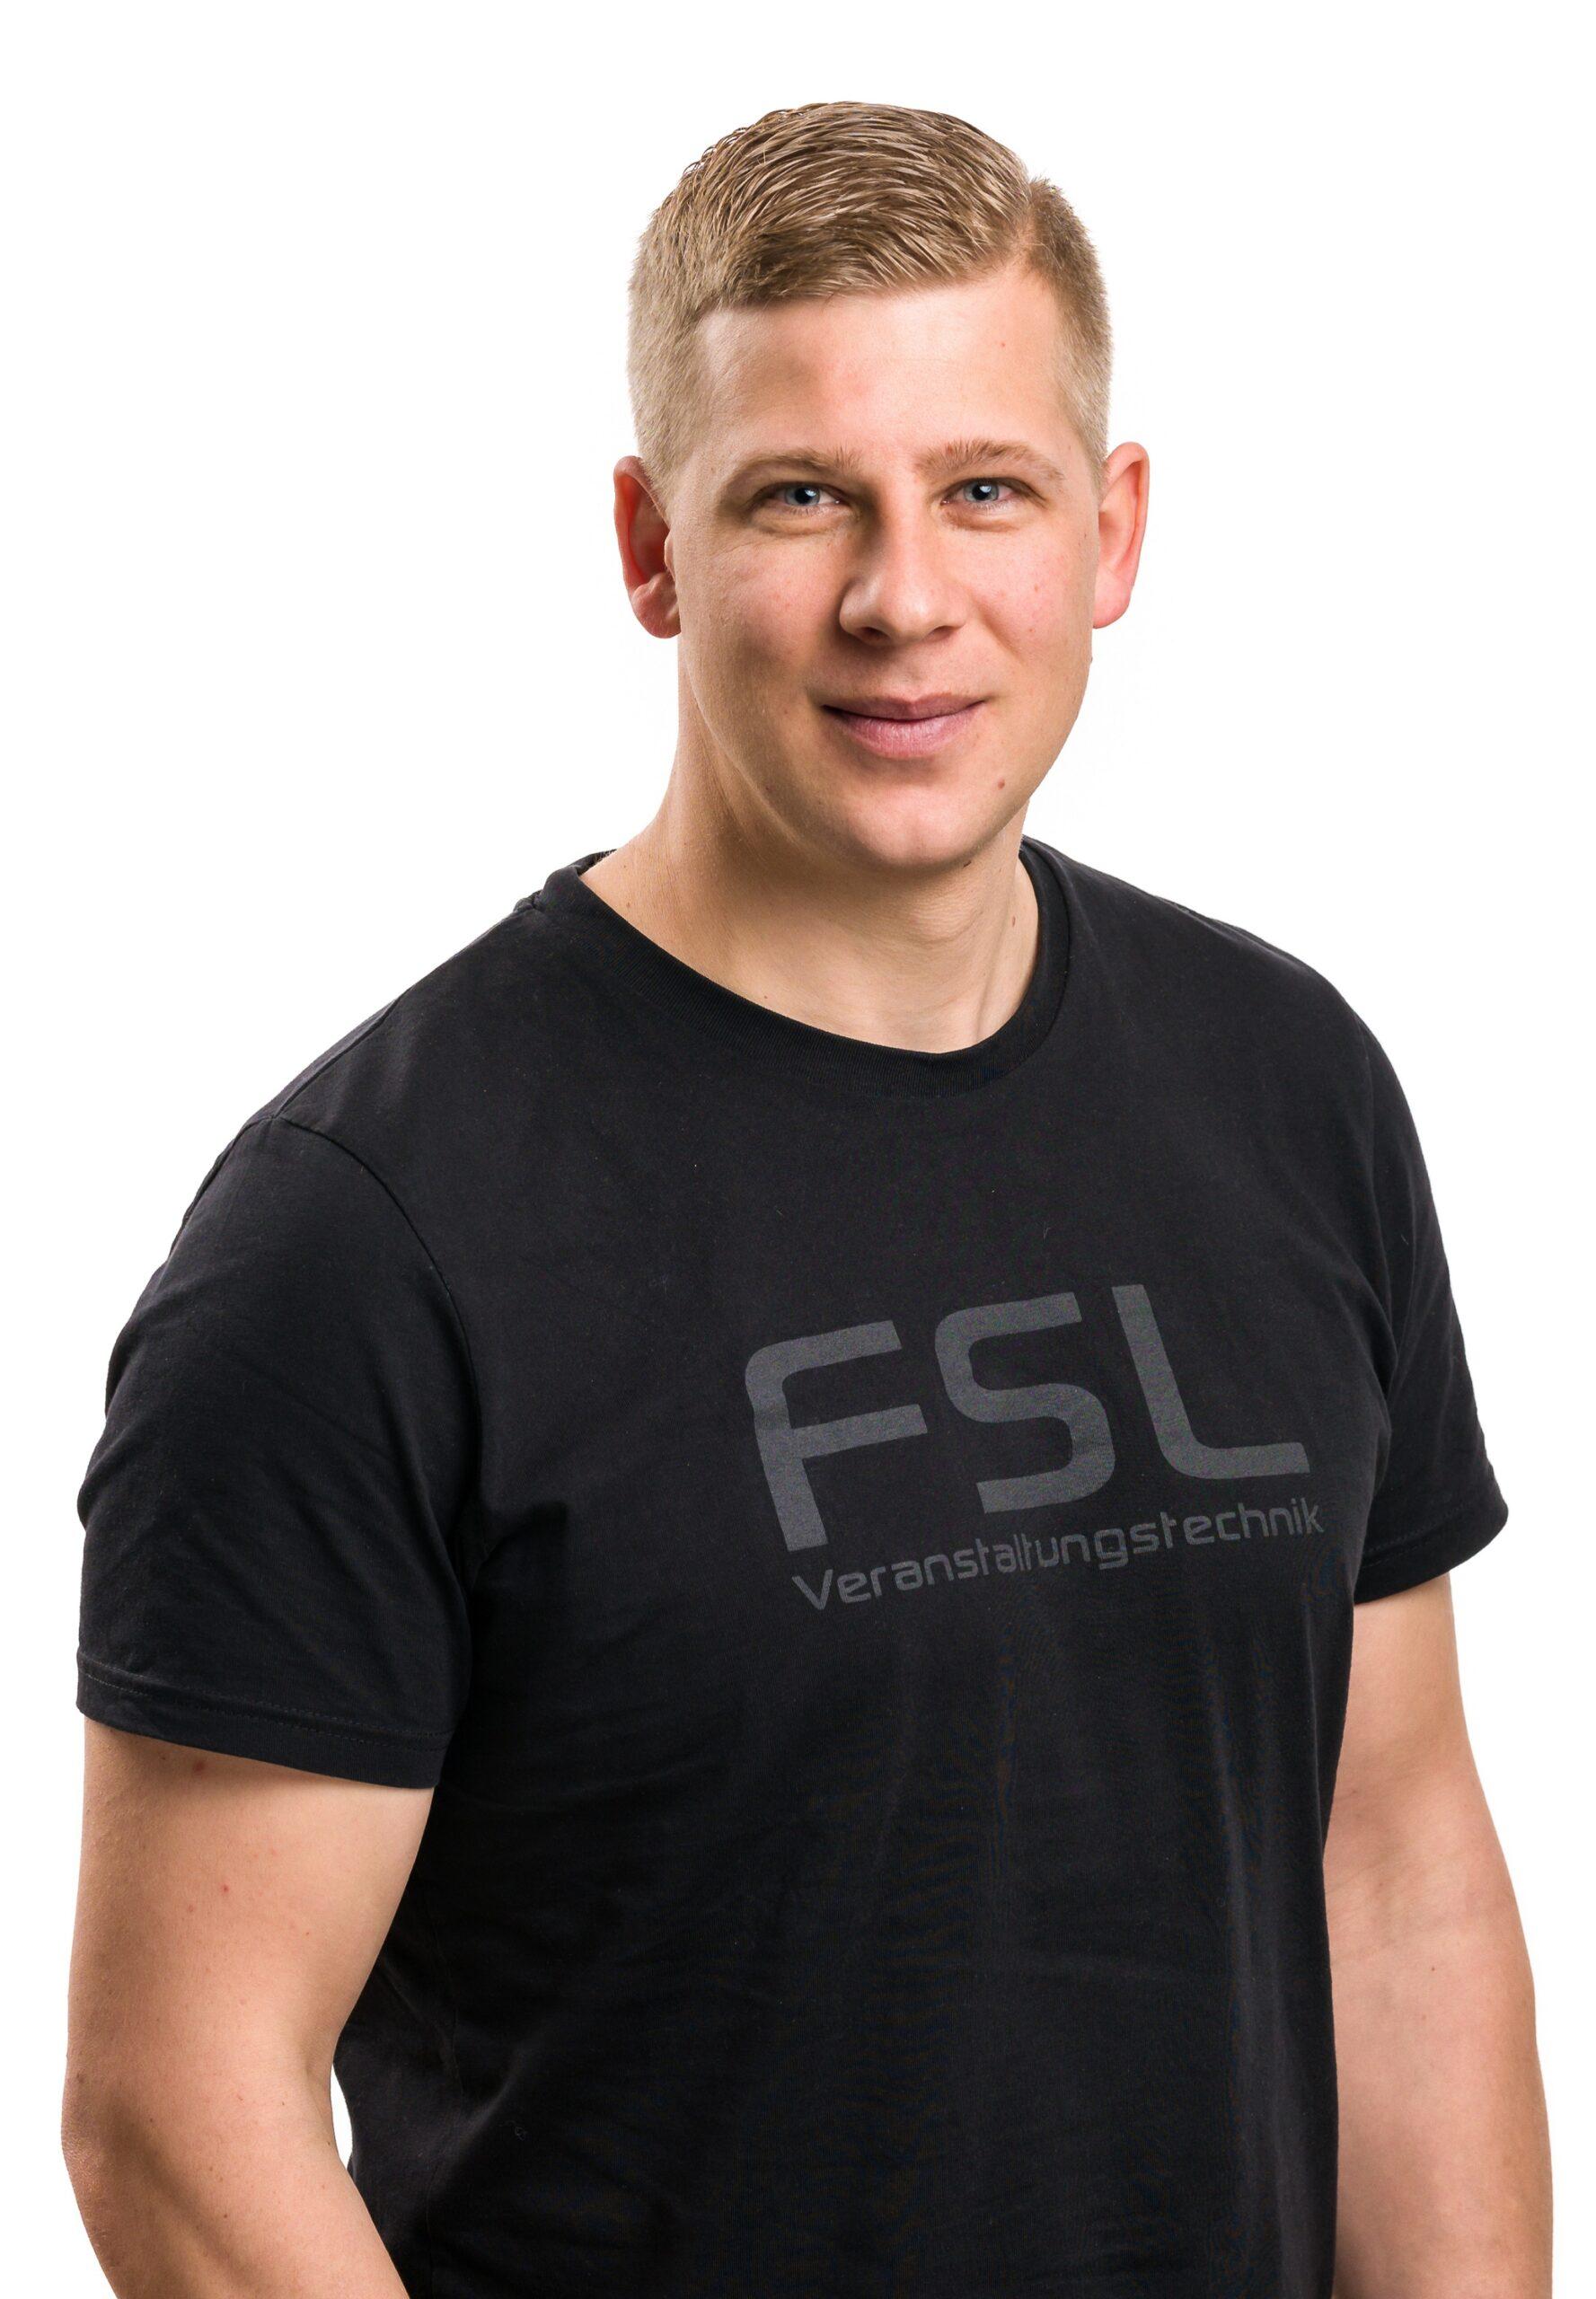 Roman Meier